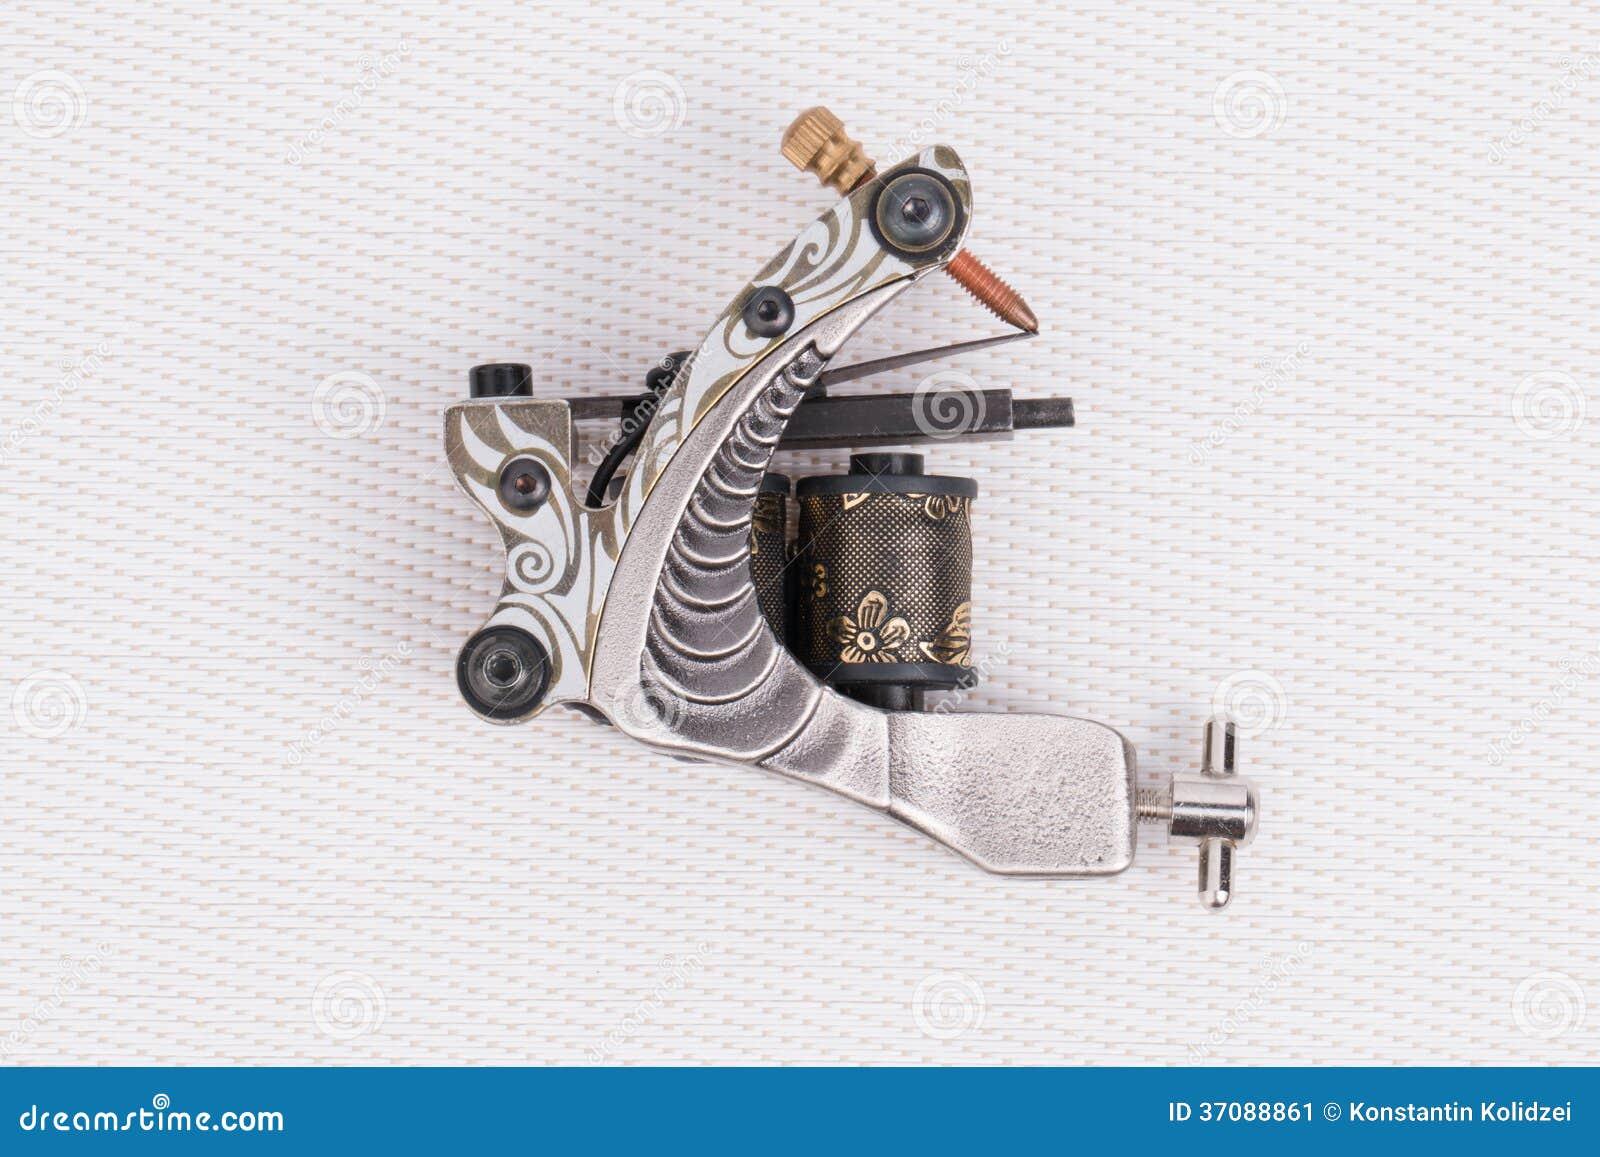 Download Tatuaż maszyna (pistolet). obraz stock. Obraz złożonej z metal - 37088861